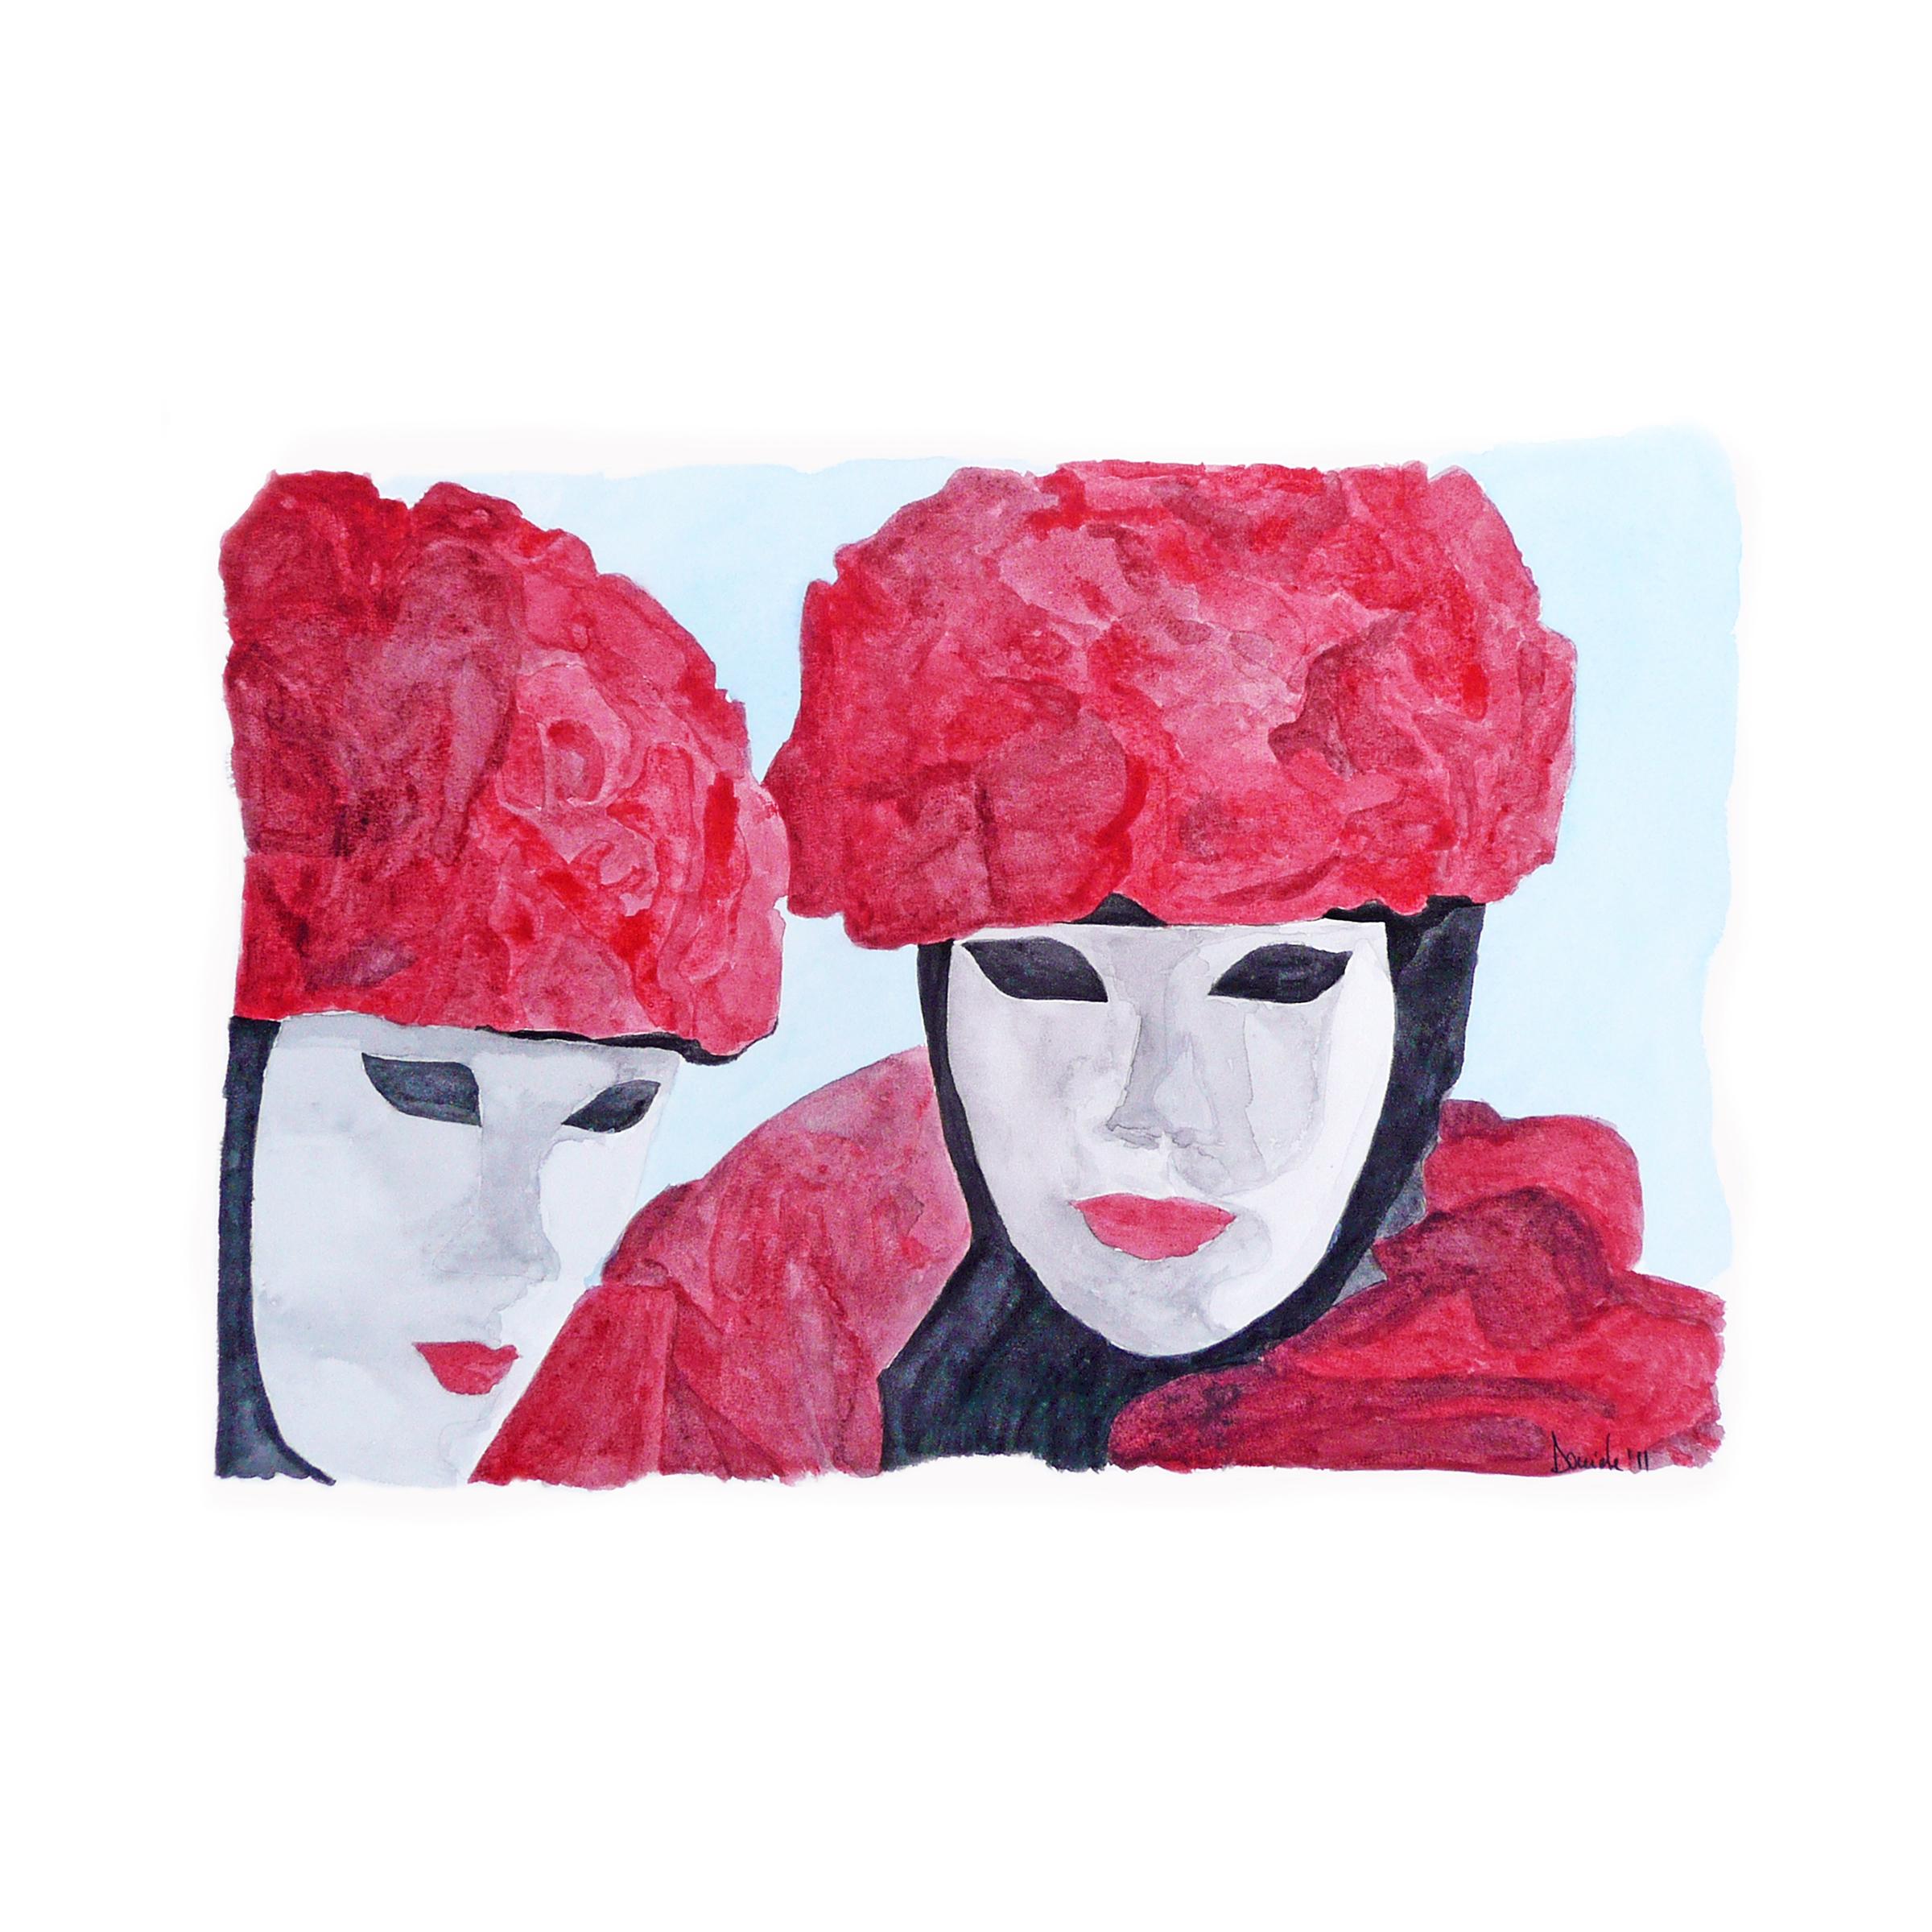 Carnevale di Venezia, 2011, watercolor on paper.